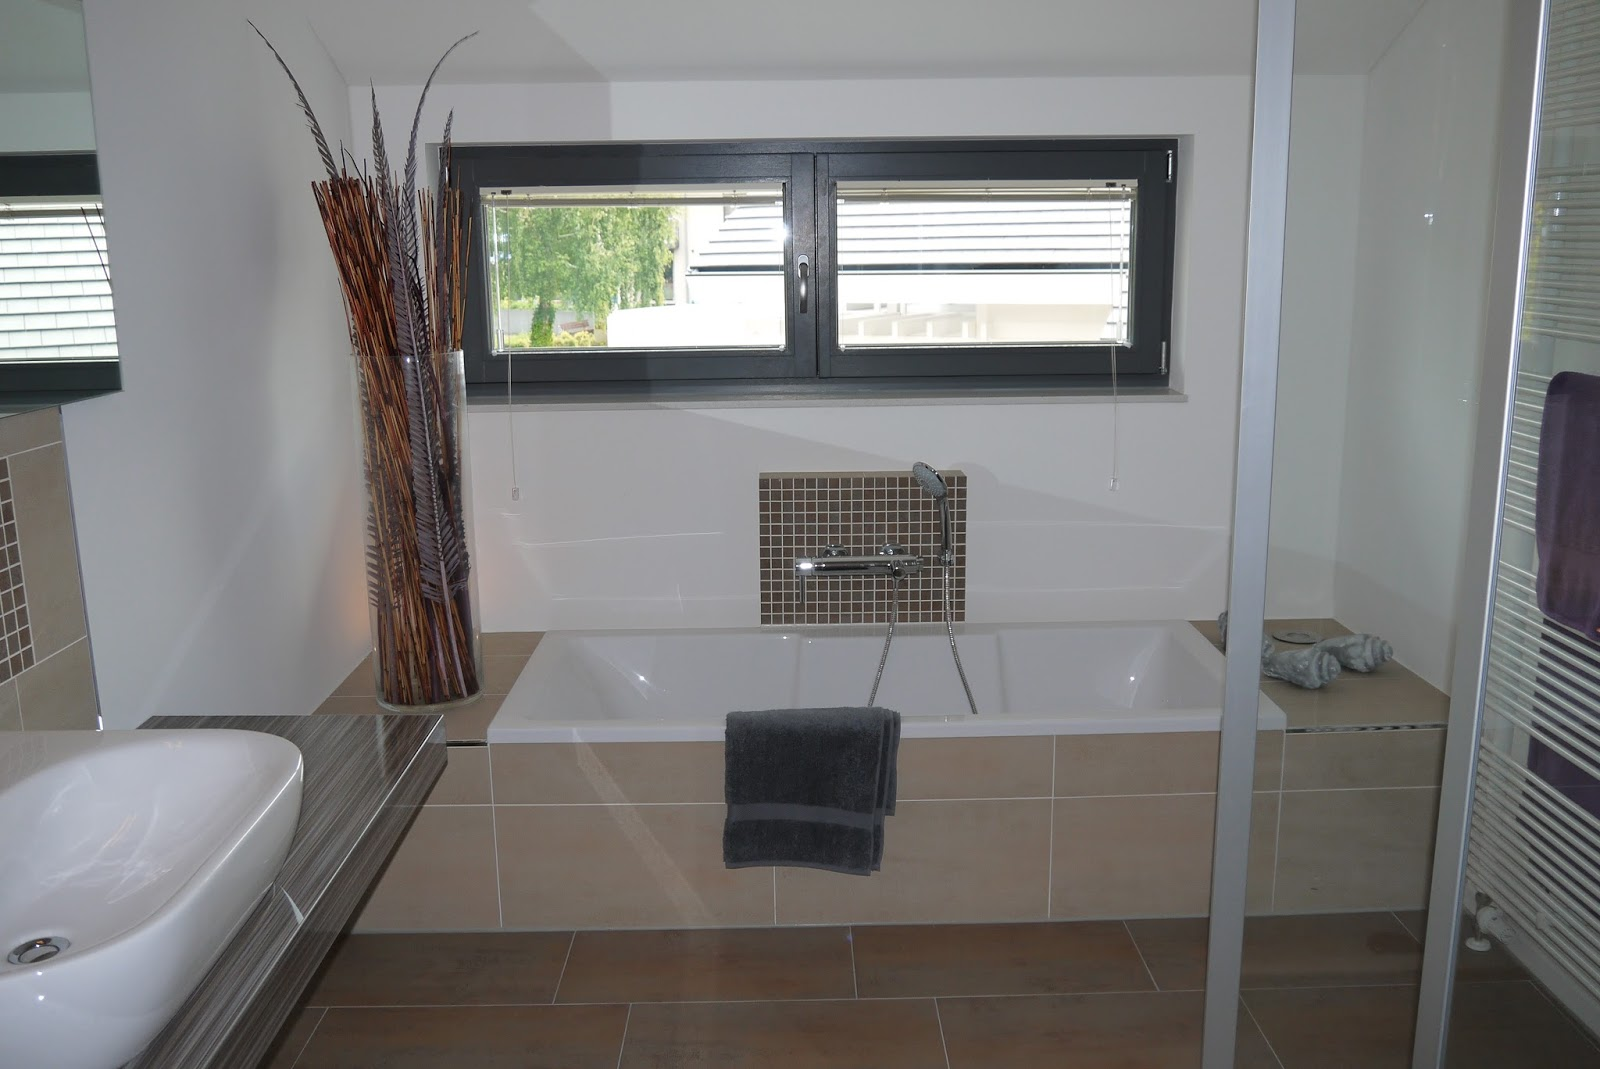 dusche gemauert ohne glas. Black Bedroom Furniture Sets. Home Design Ideas